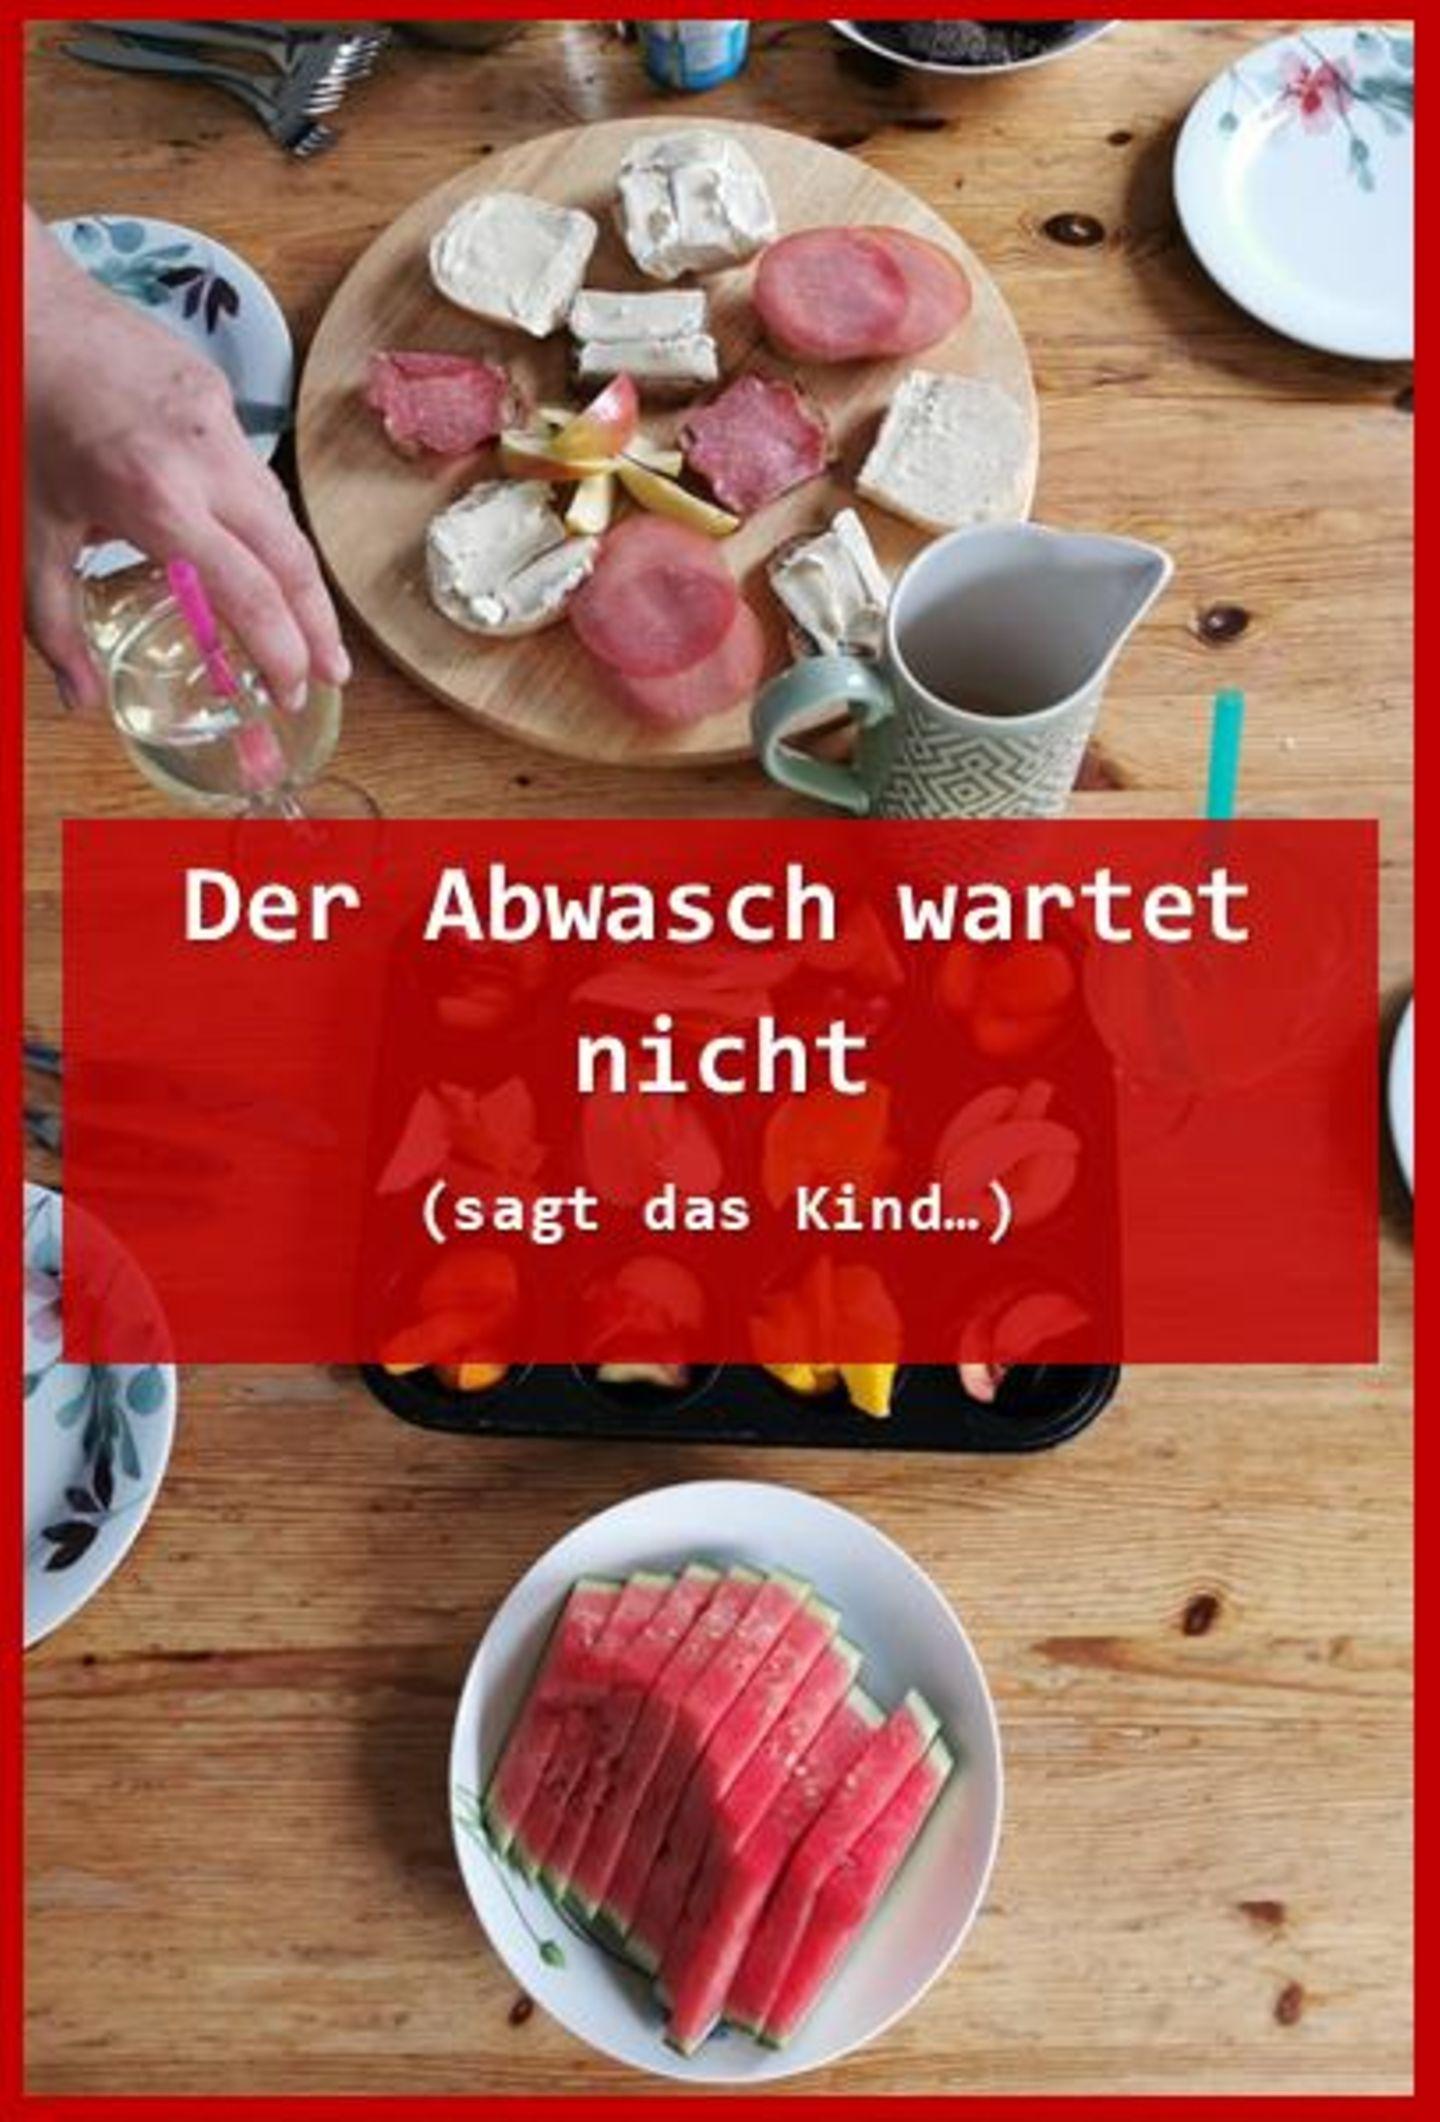 Blog Große Köpfe, Abwasch